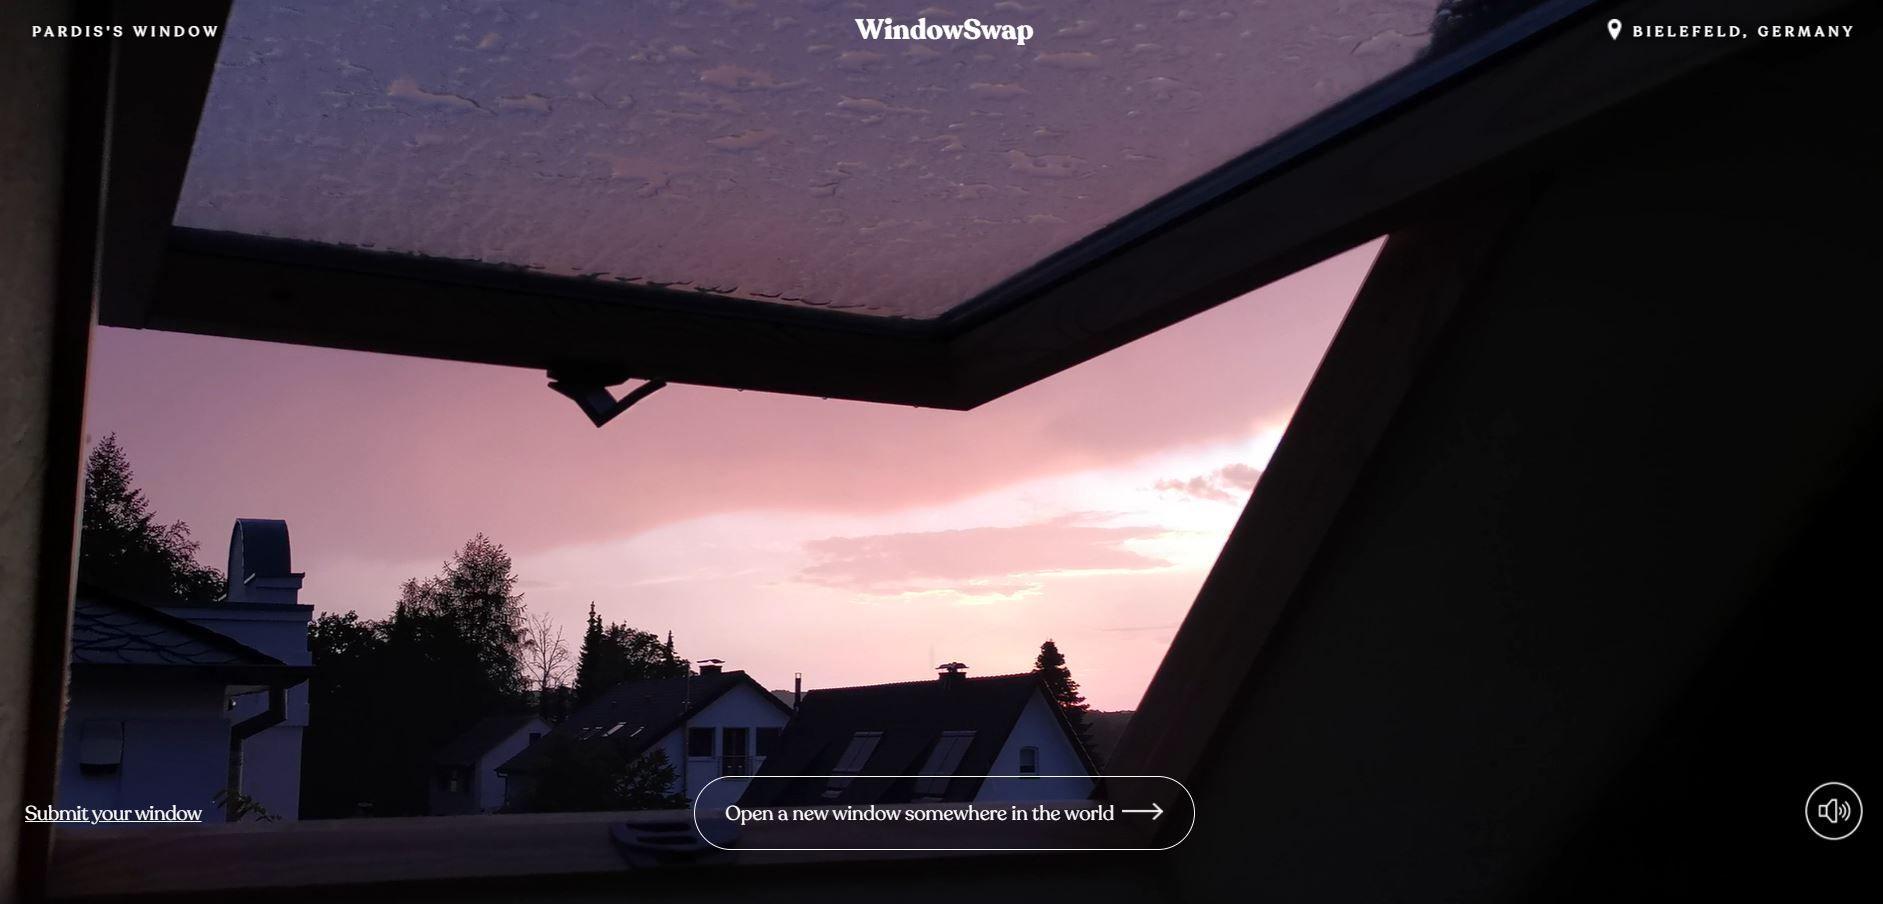 Screenshot από την εφαρμογή Window Swap που δείχνει έναν ροζ ουρανό